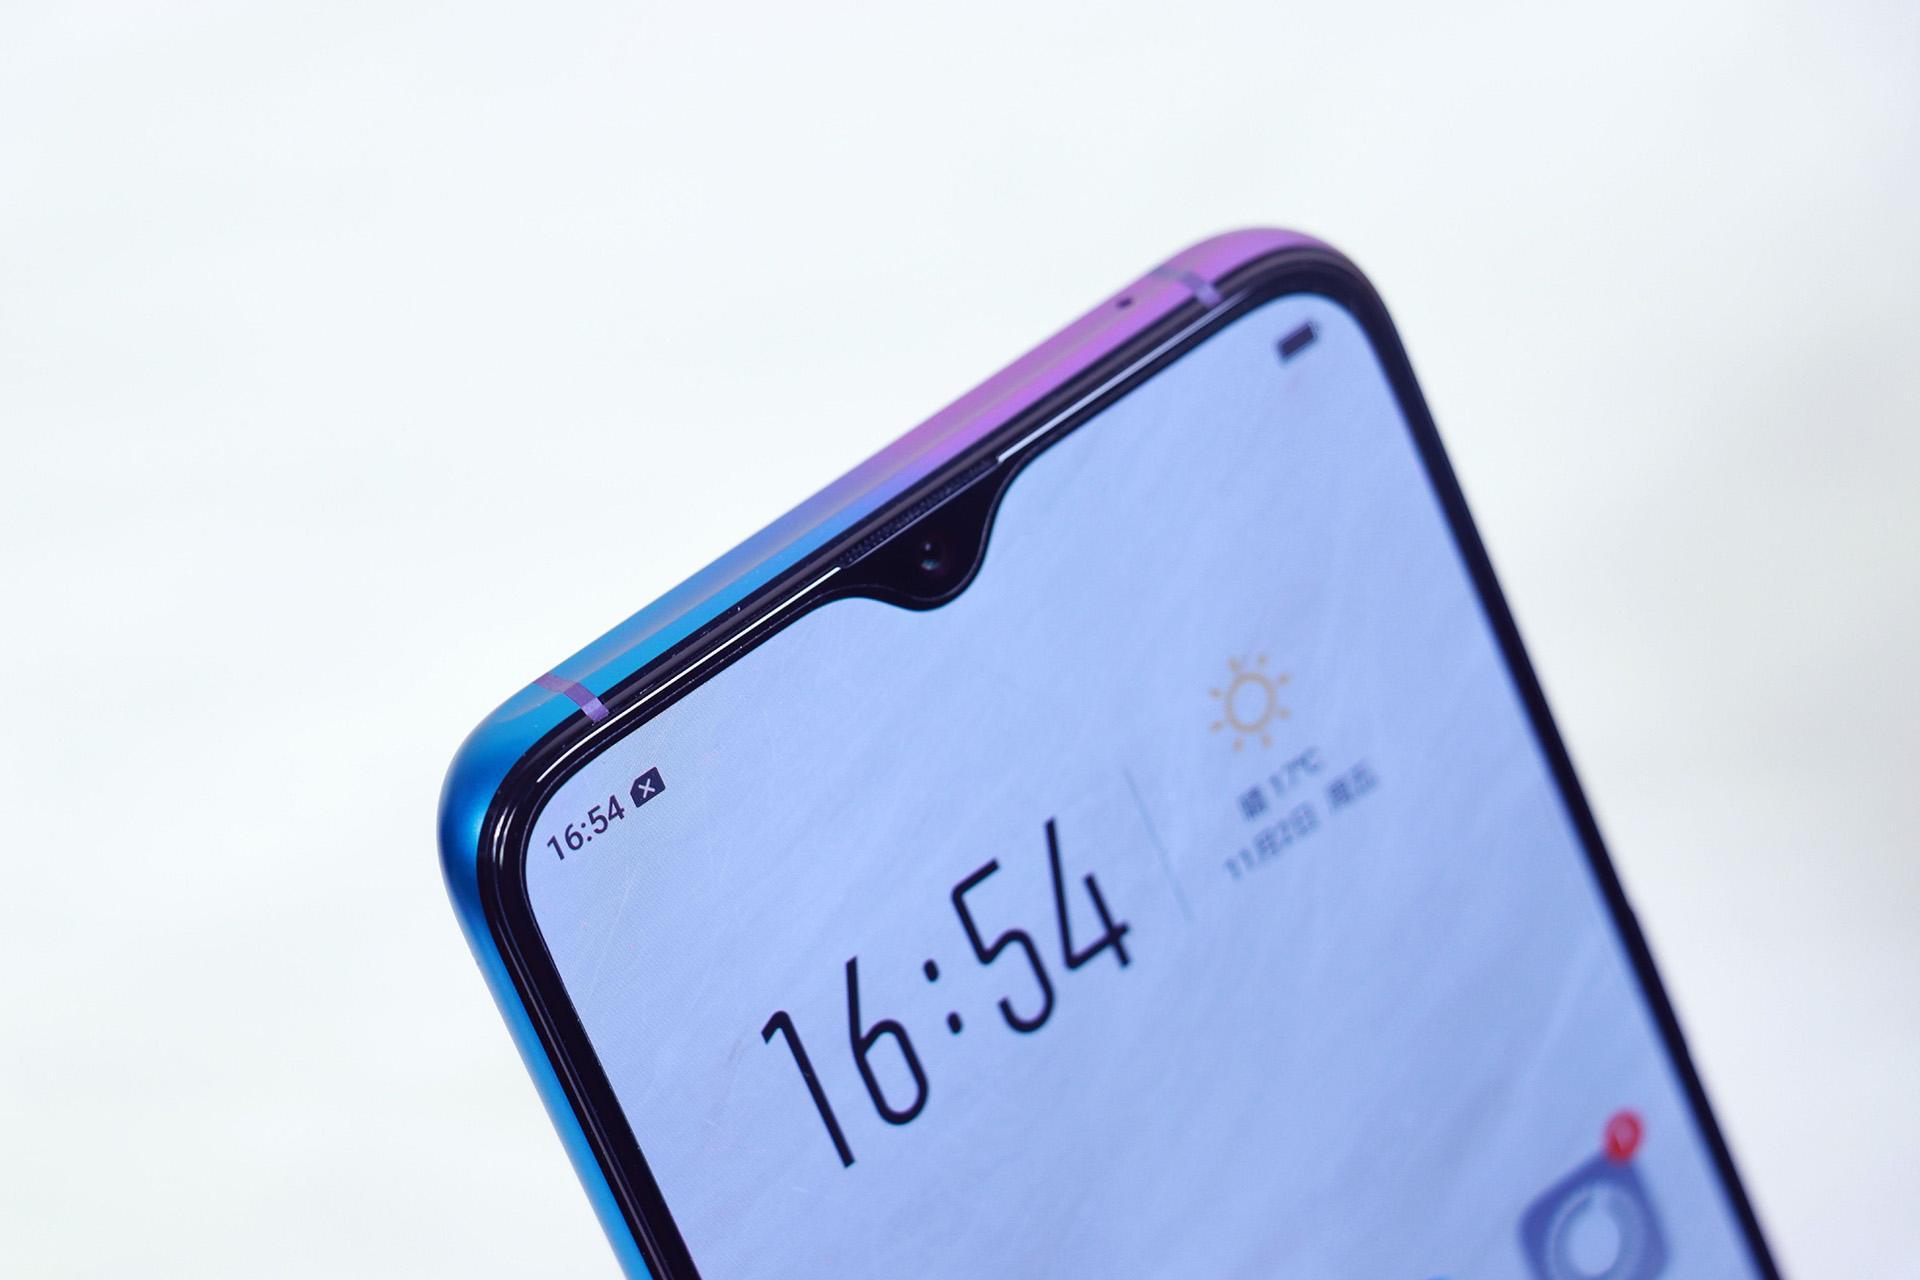 现有手机设计中,刘海屏,水滴屏,挖孔屏哪个最终能胜出?图片